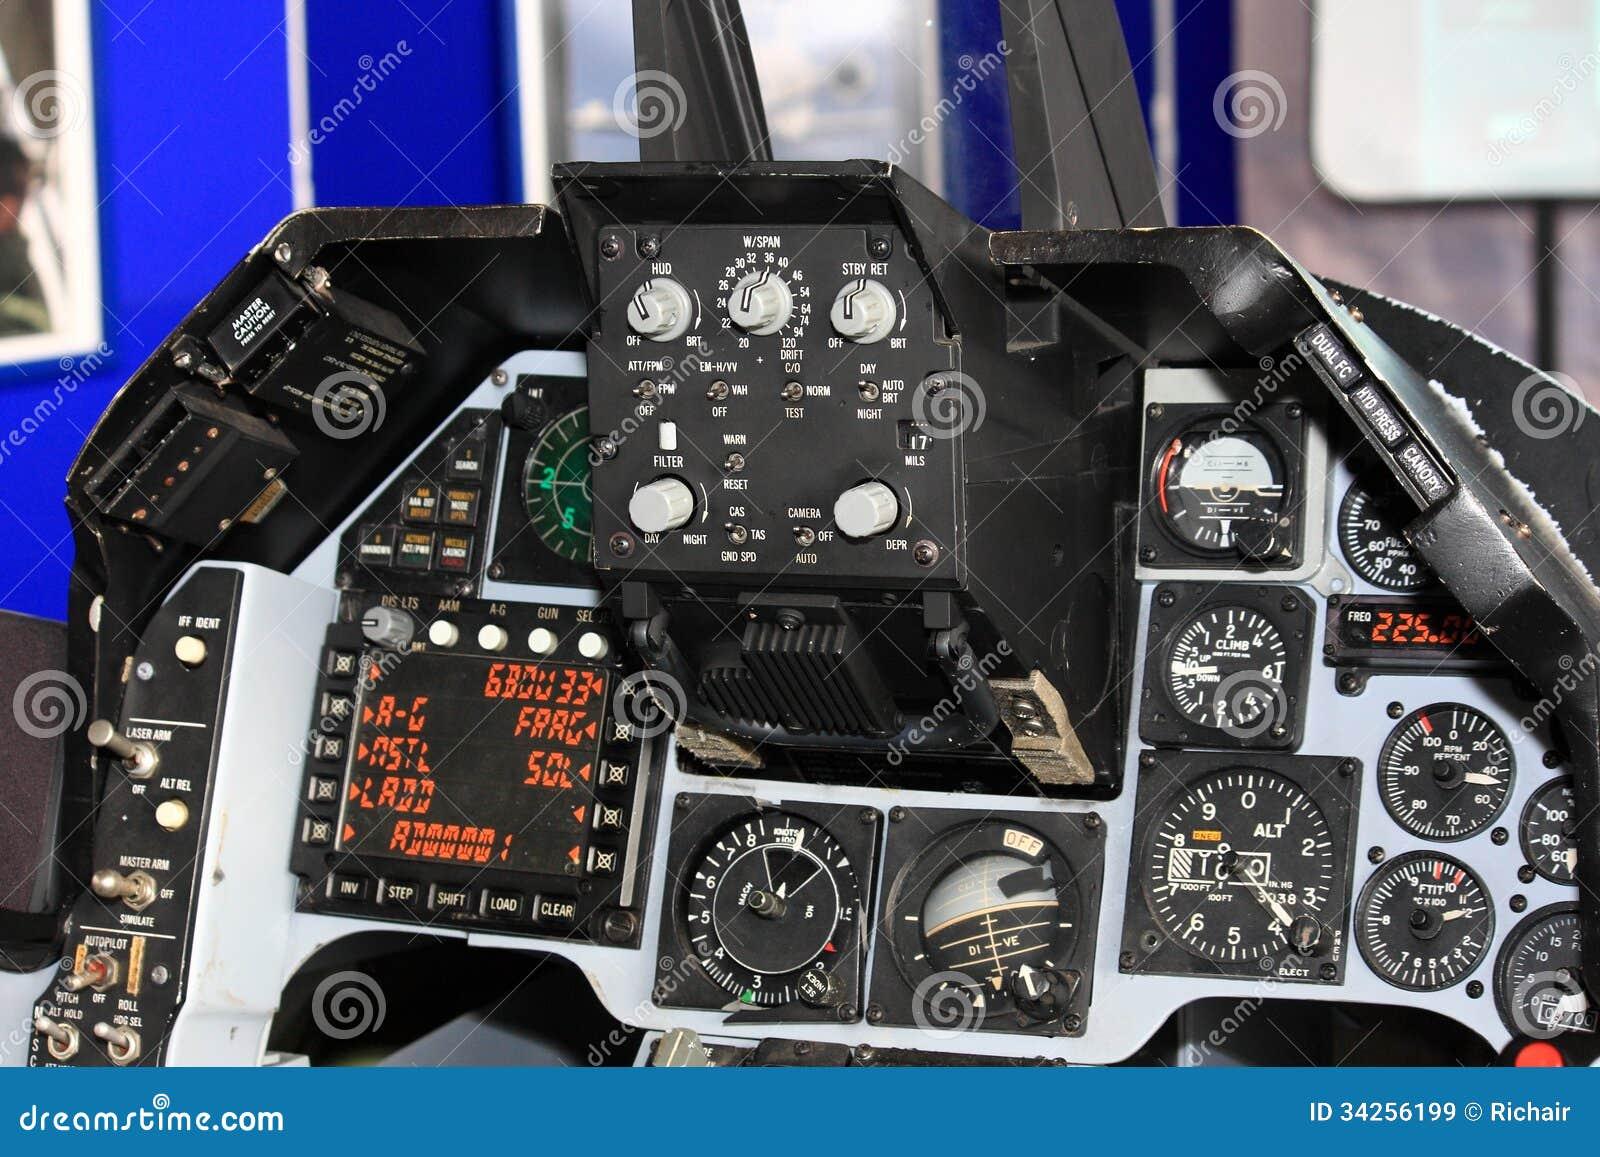 F 16 Fighter Jet Cockpit Jet fighter cockpit  F-16